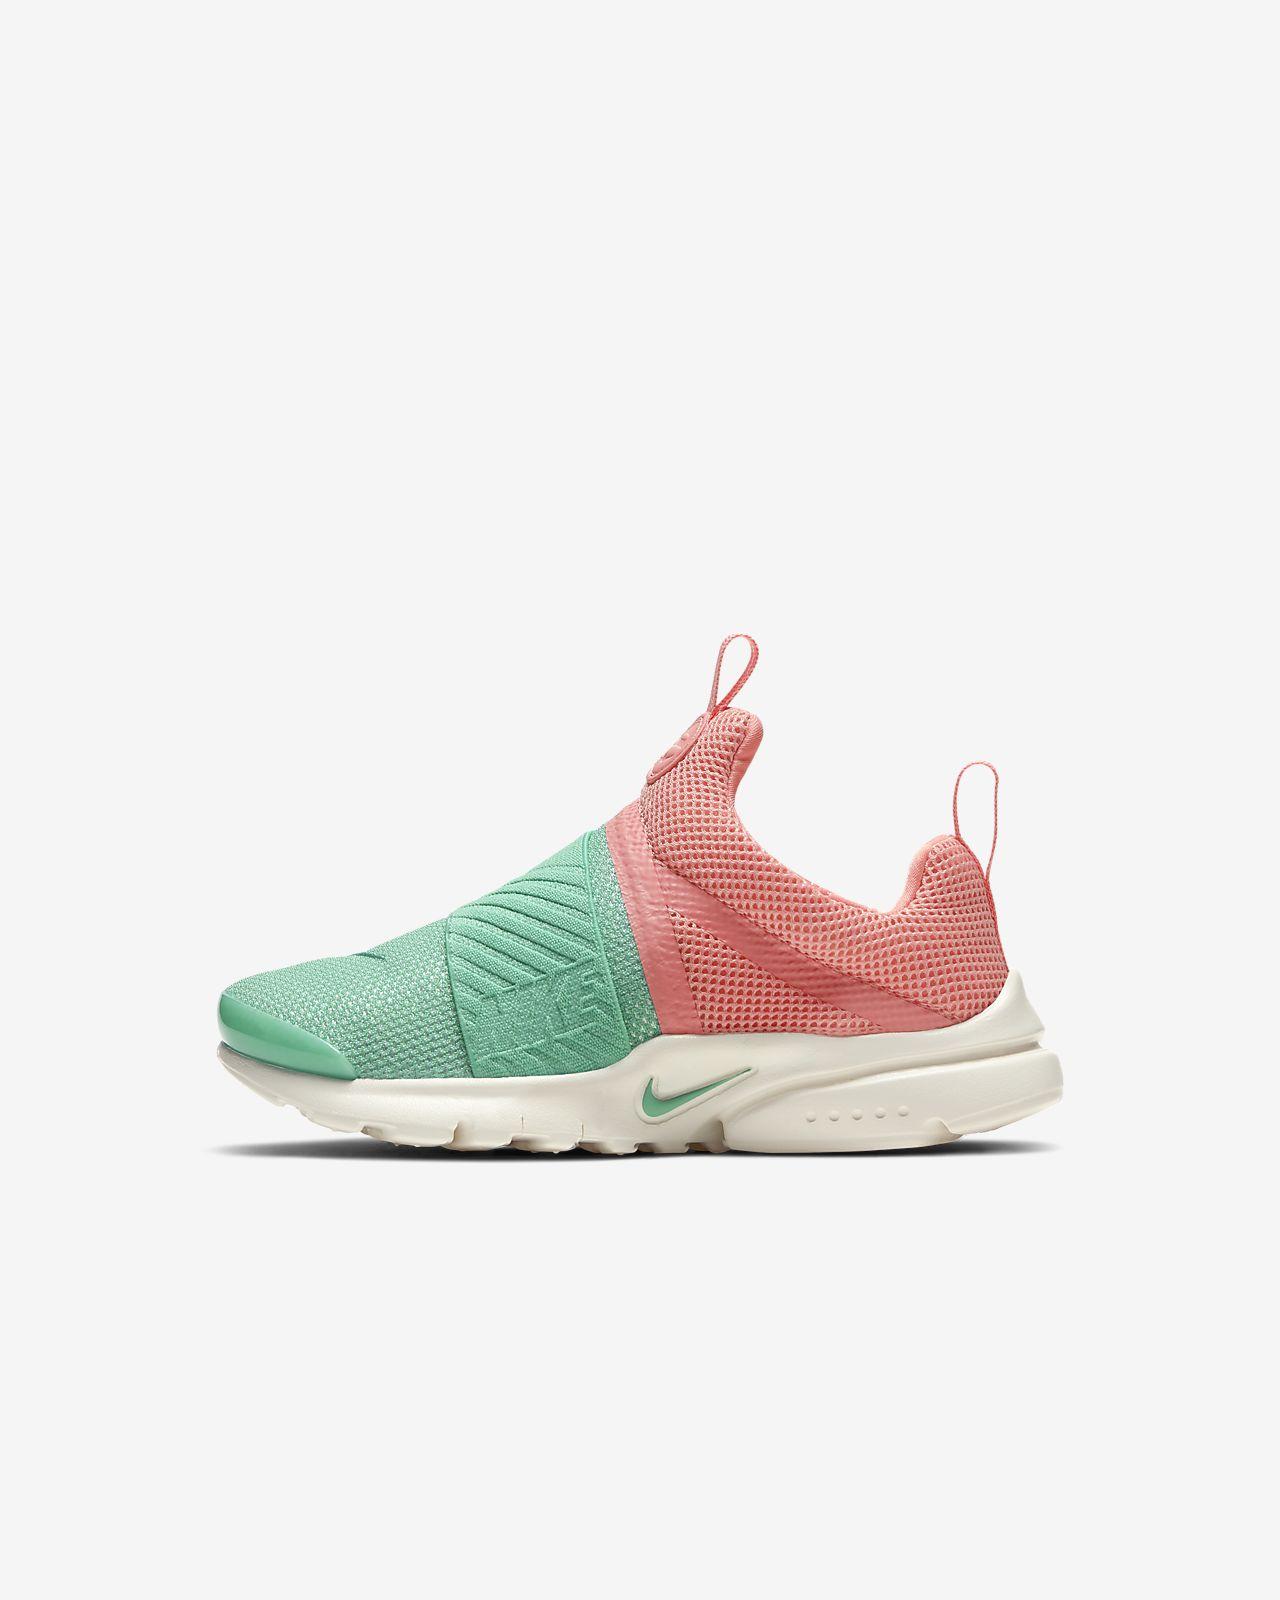 6d22b72be Nike Presto Extreme Sparkle Little Kids  Shoe. Nike.com